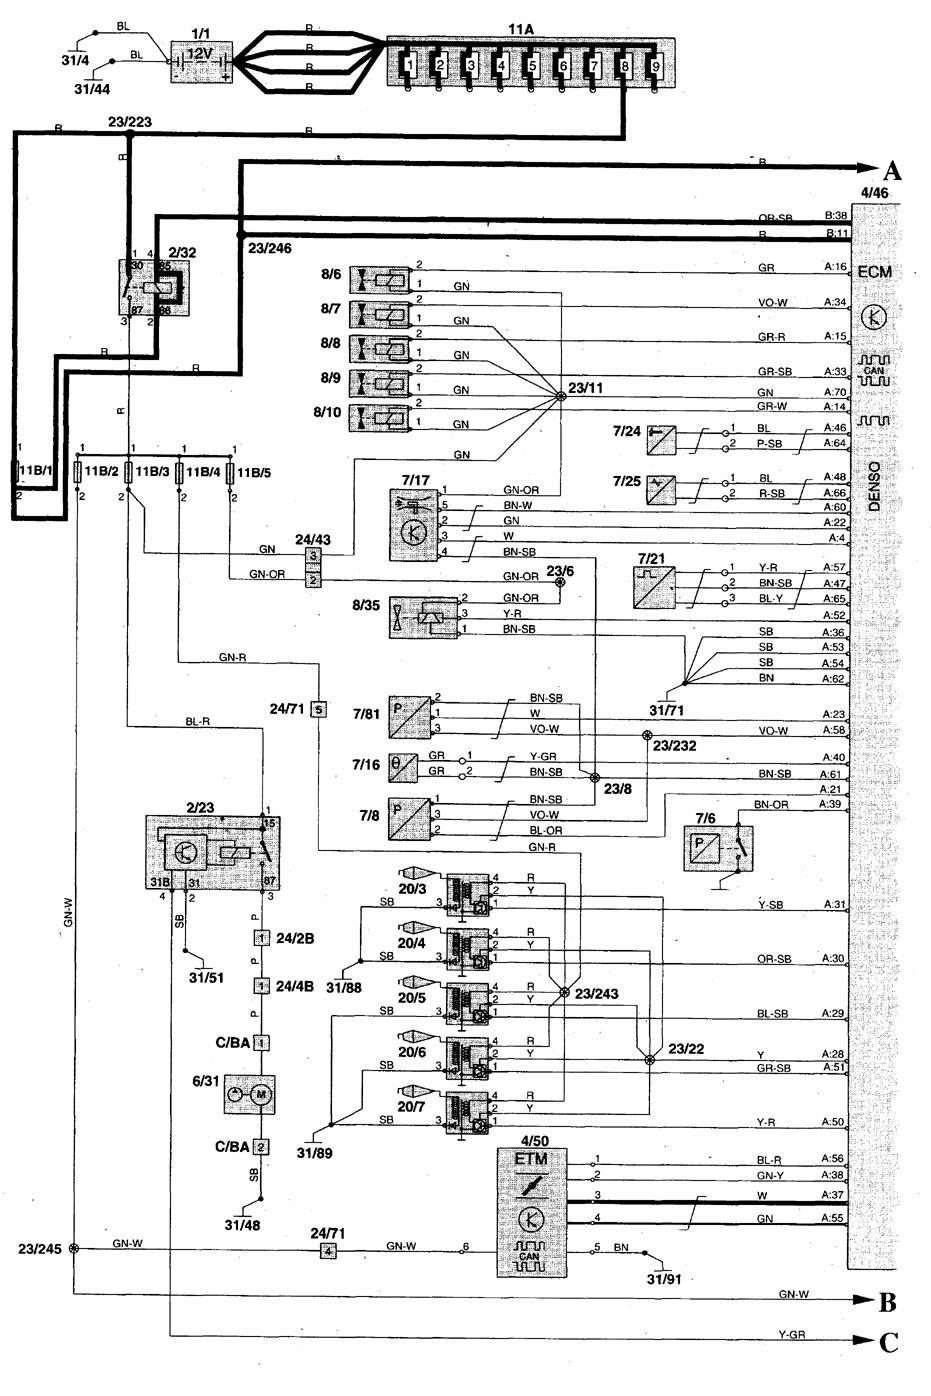 volvo v70  1998  - wiring diagrams - fuel pump